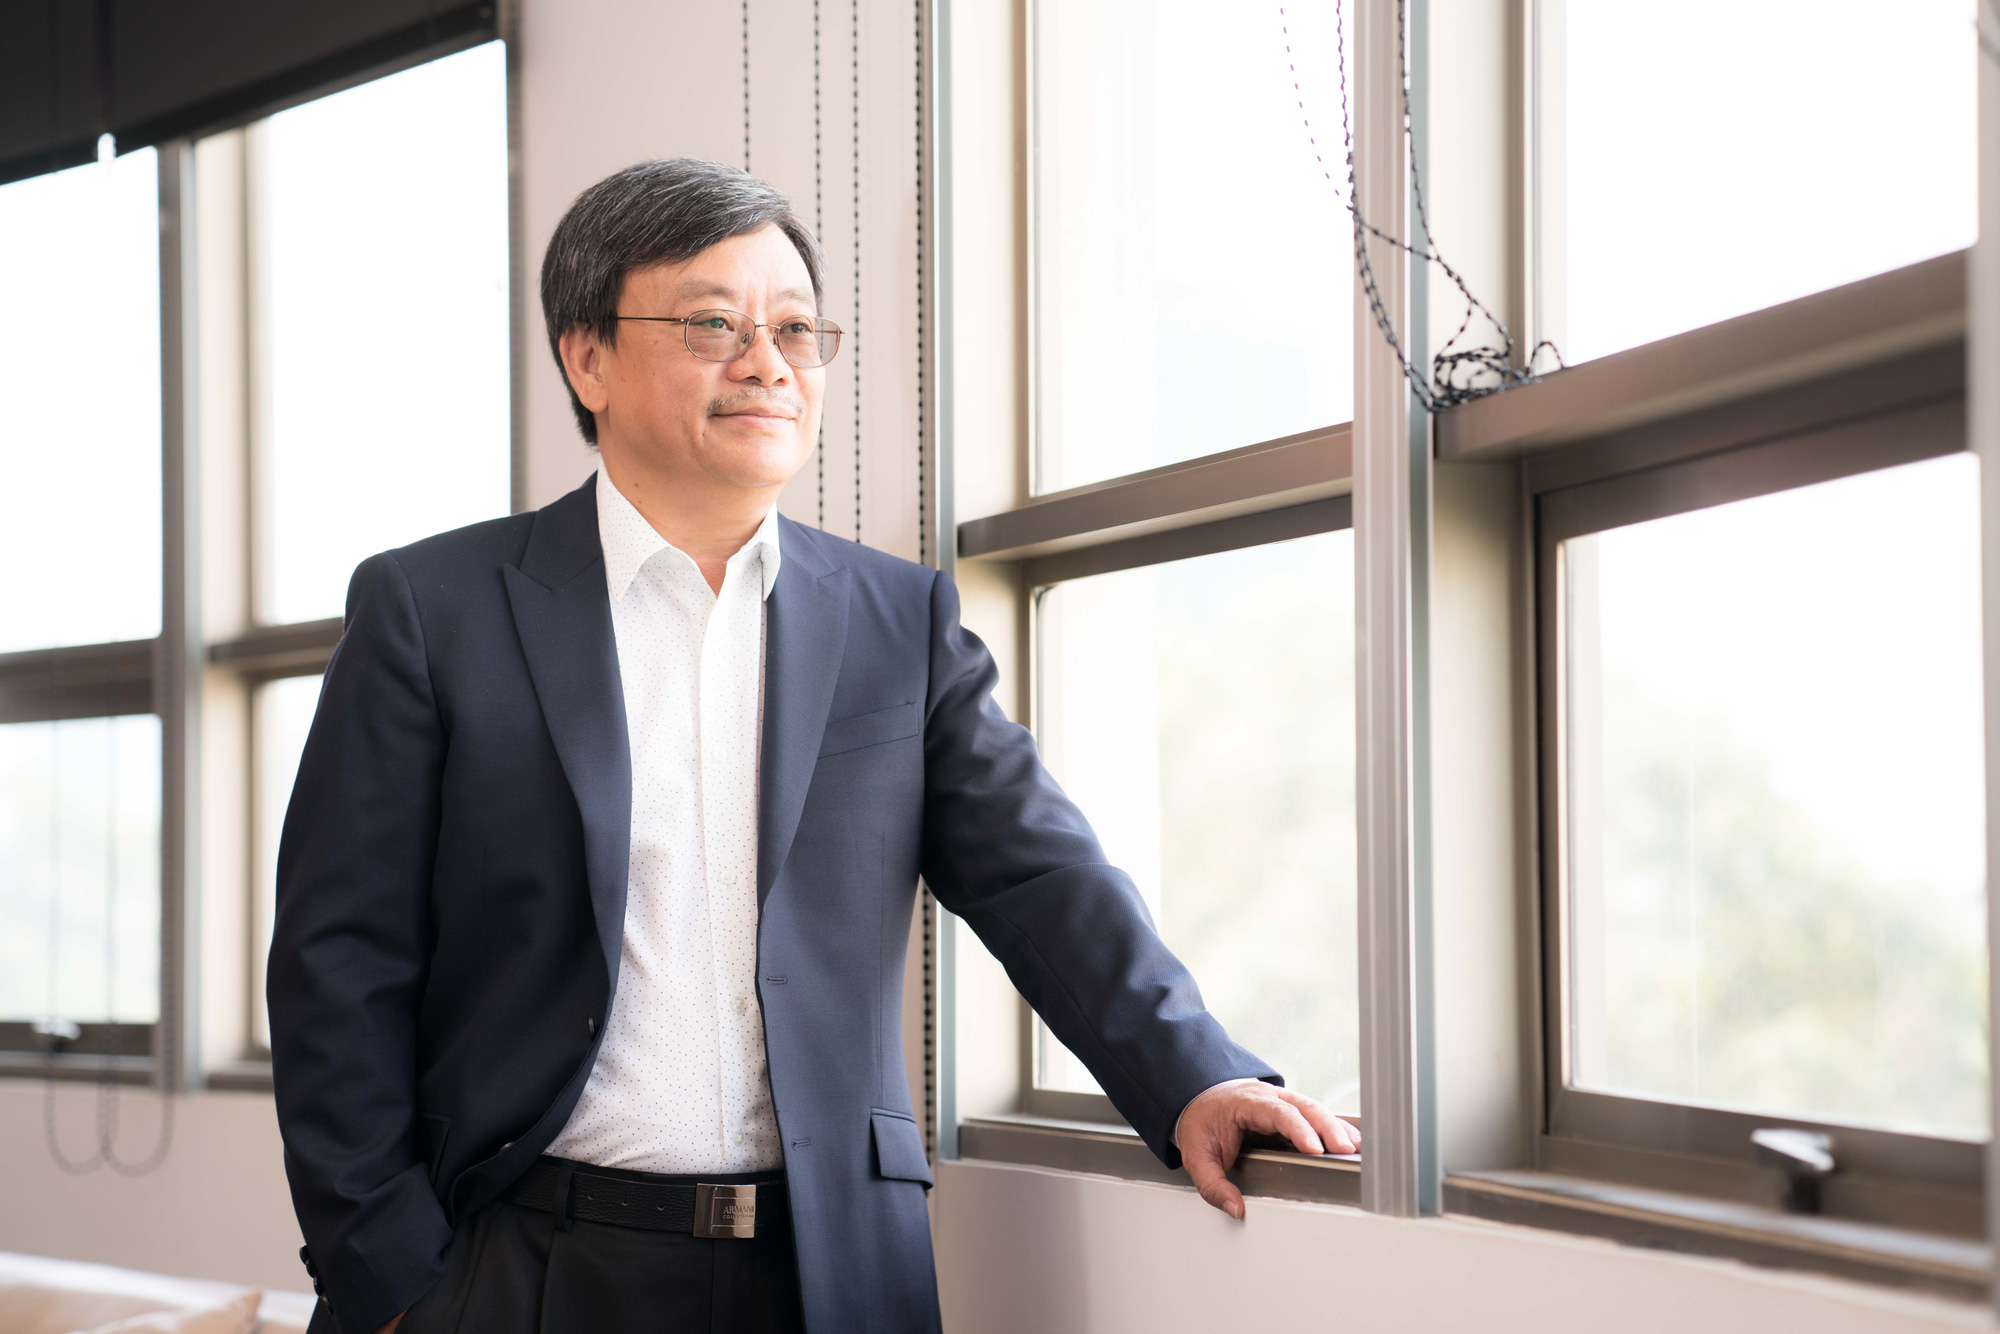 Ông Nguyễn Đăng Quang làm chủ tịch, Quĩ đầu tư của Chính phủ Singapore (GIC) không còn là cổ đông tại công ty sở hữu chuỗi Vinmart và VinEco - Ảnh 1.